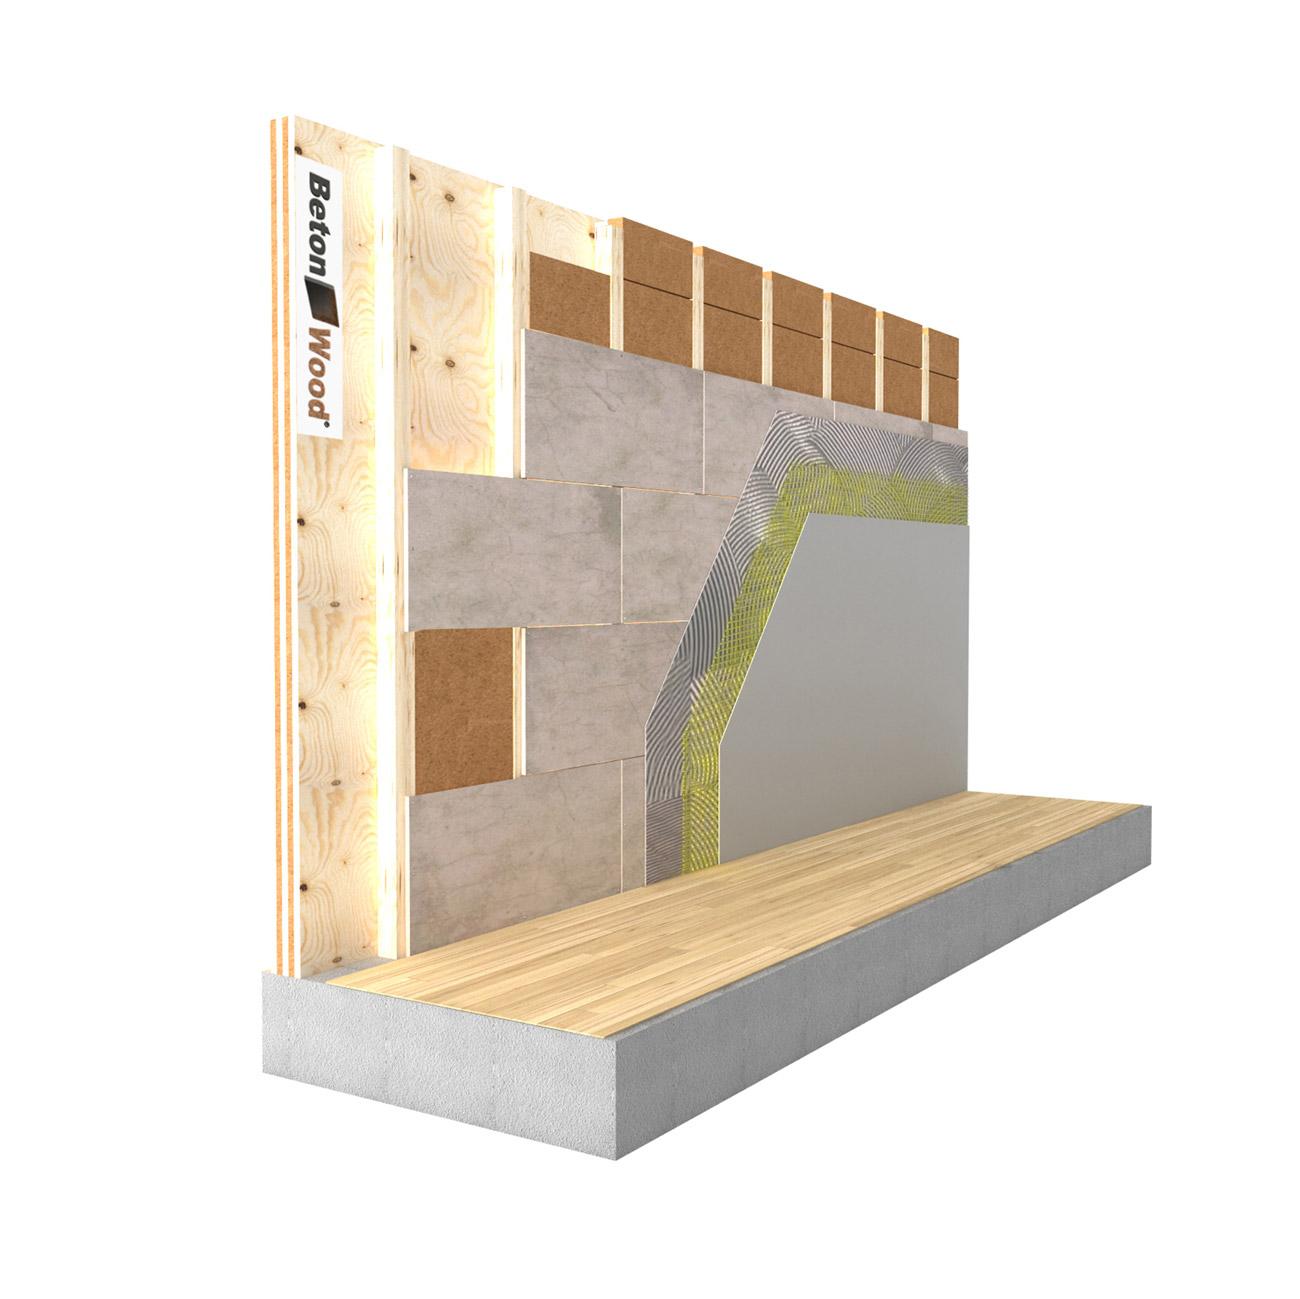 Materiali Per Coibentare Pareti Interne fibra di legno per cappotto termico interno